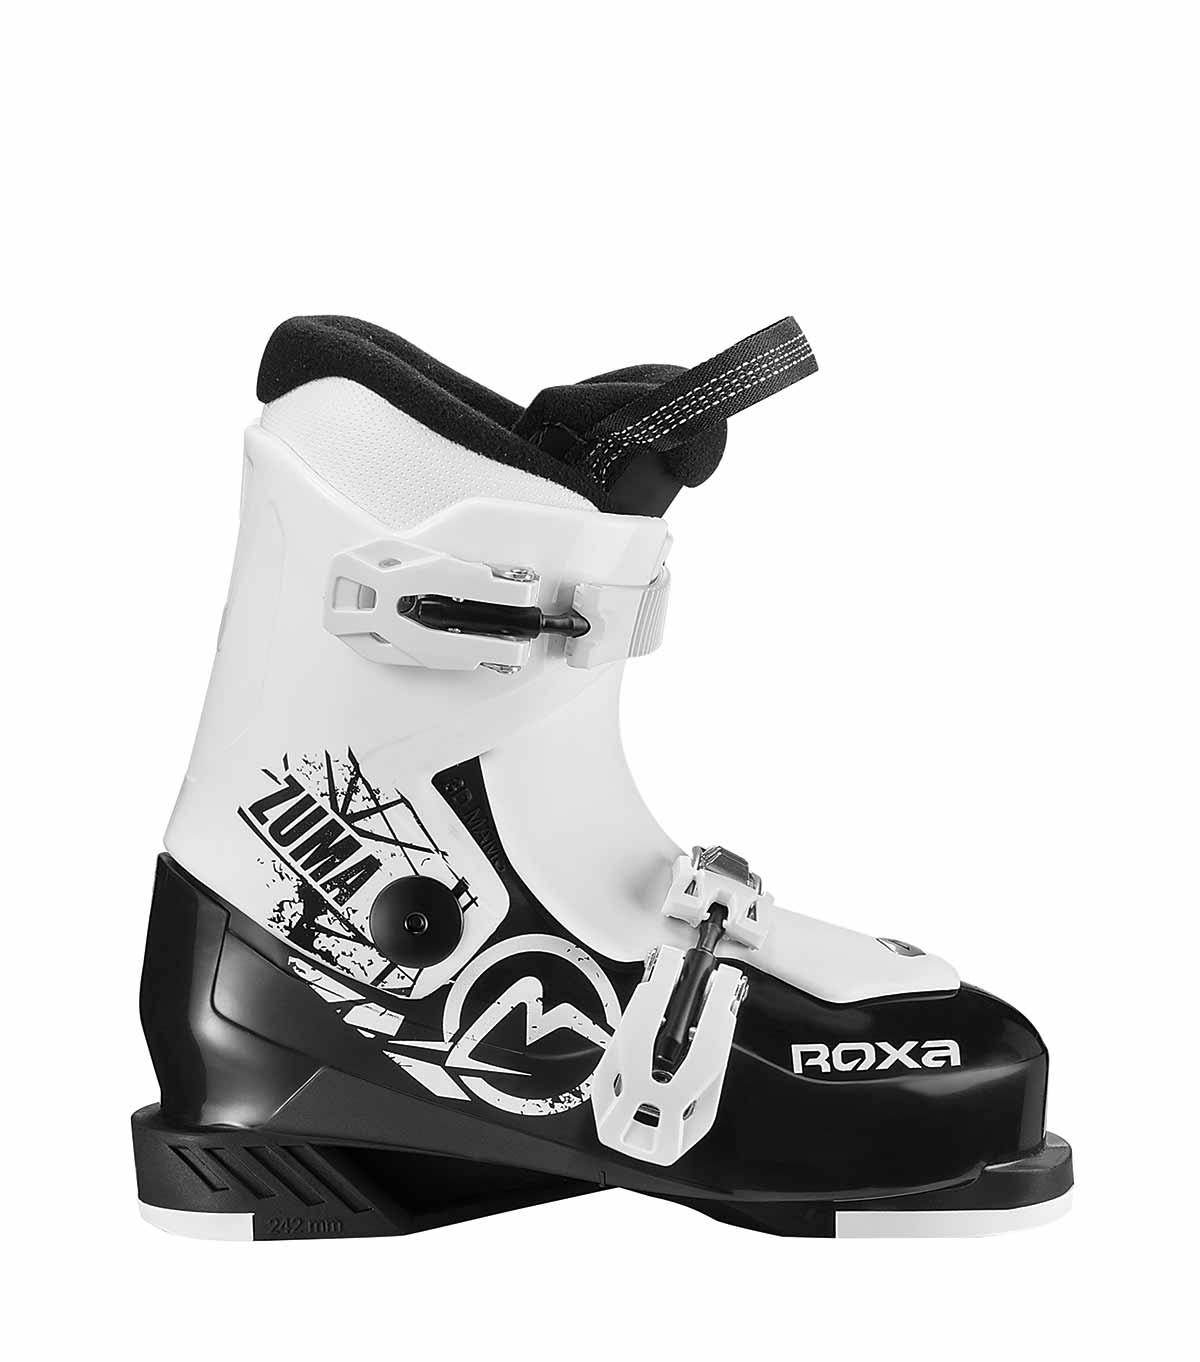 Roxa Zuma 2 black/white Velikost: 19,5